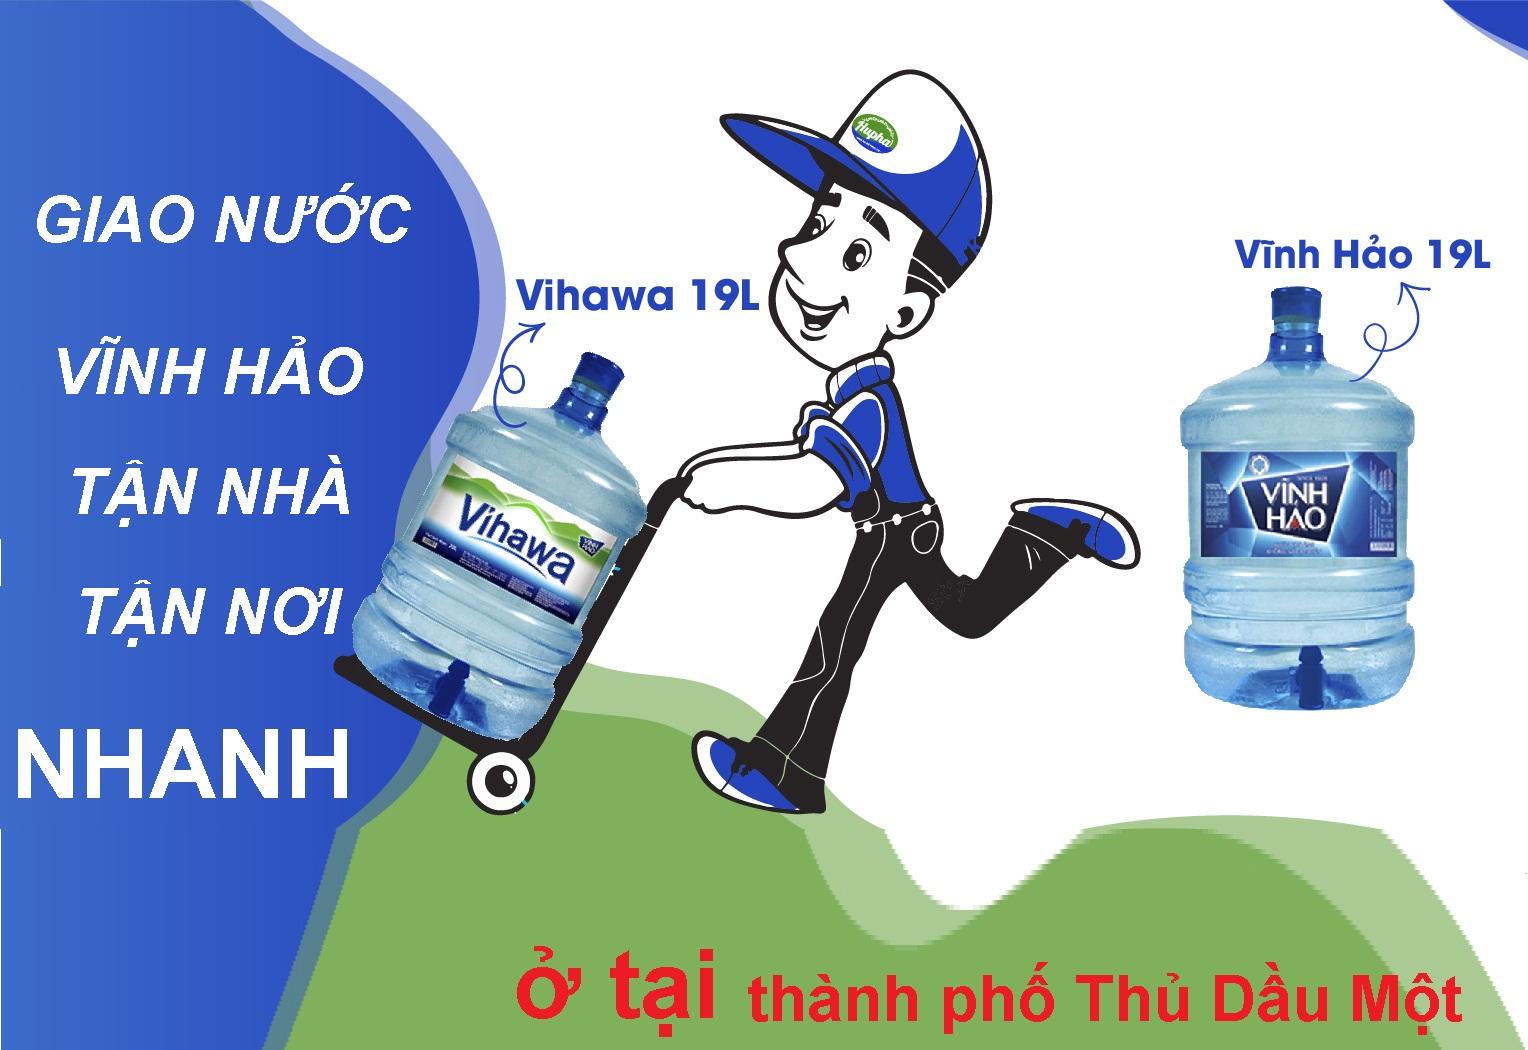 Giao nước Vĩnh Hảo tận nơi ở tại Thủ Dầu Một- GIAO NUOC VINH HAO THU DAU MOT